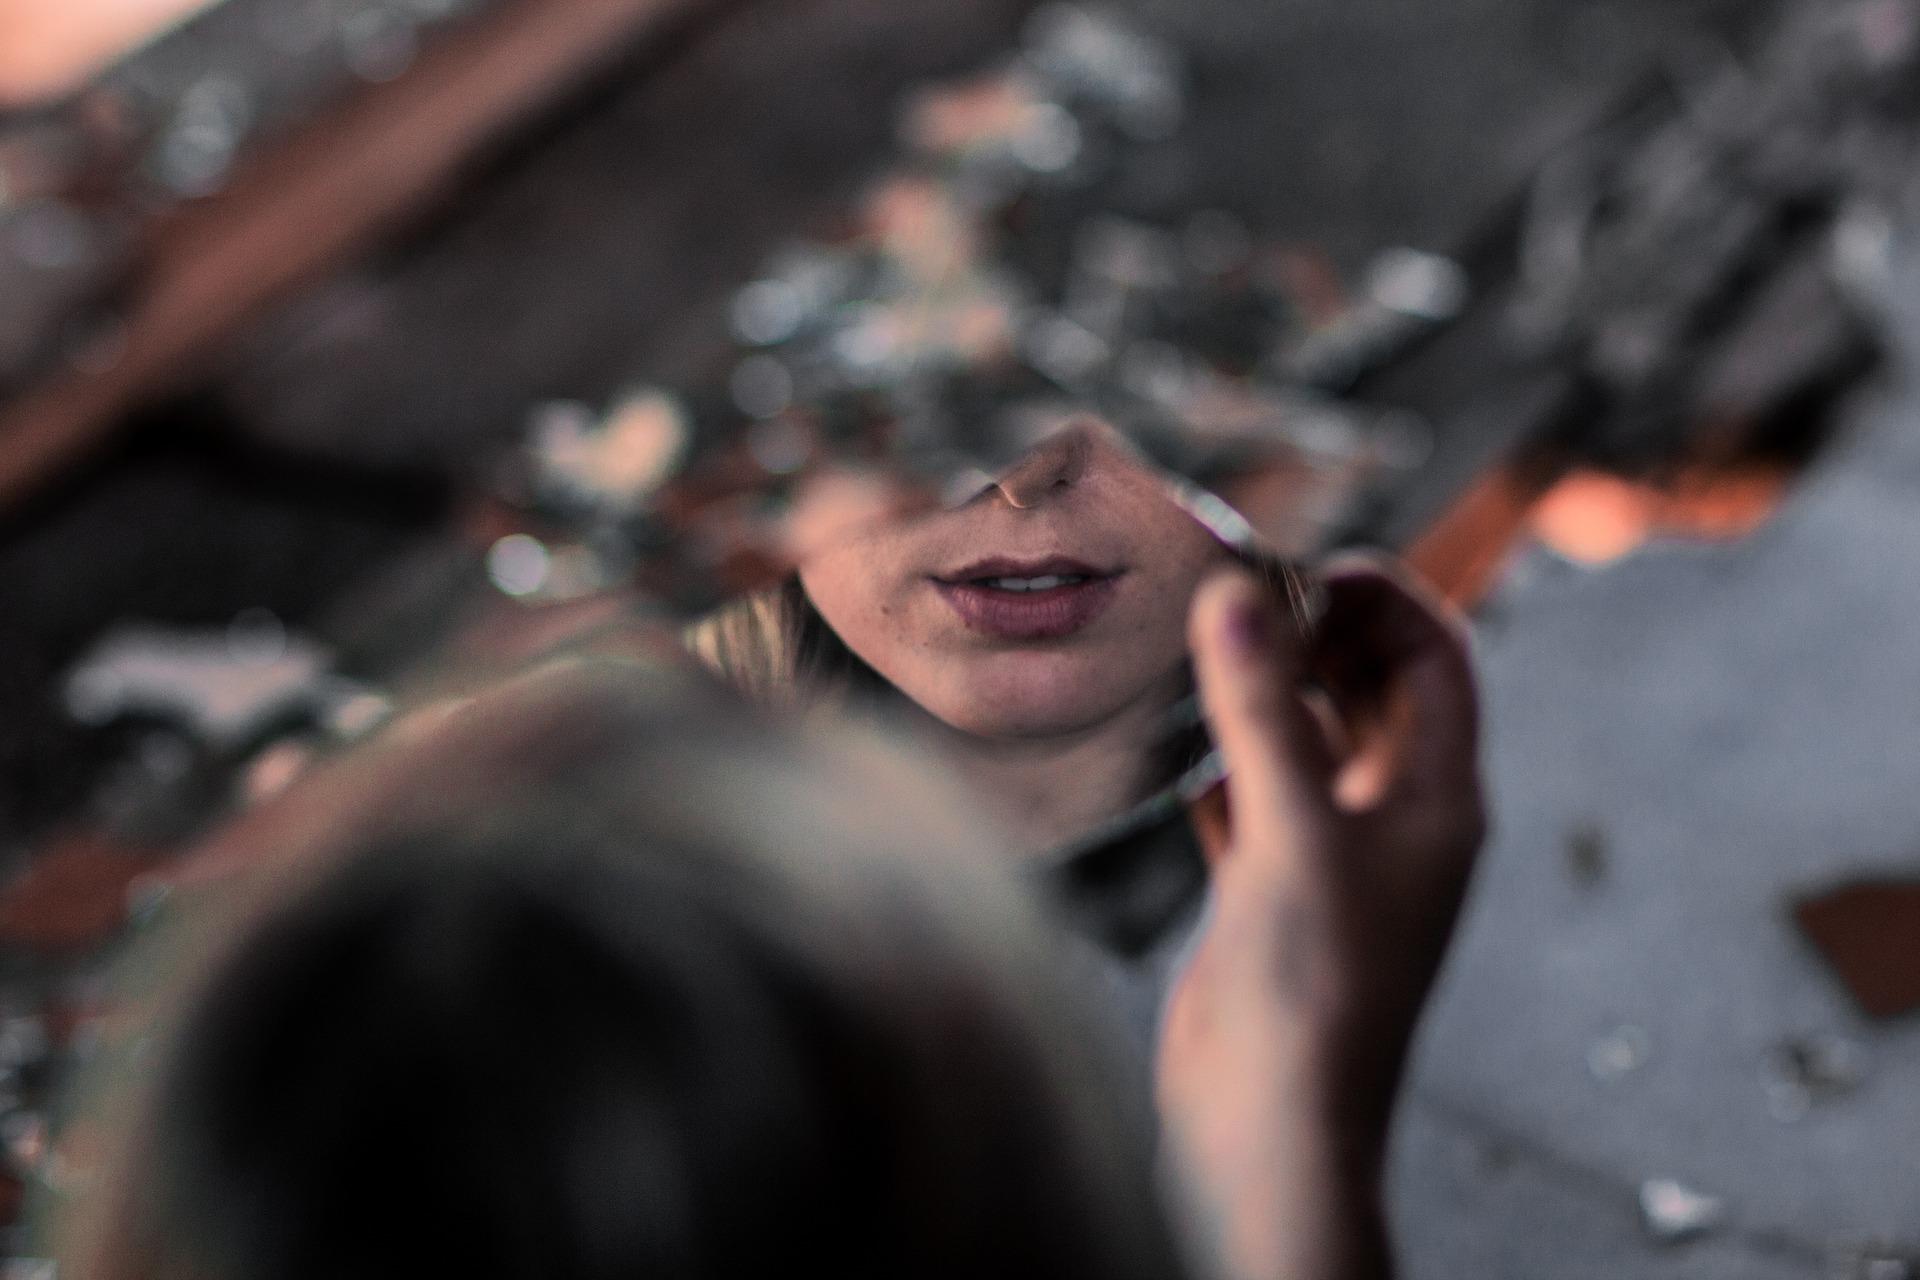 Basia, gdy była sama, przebierała się w męskie ubrania, domalowywała sobie wąsy (fot. pixabay.com)